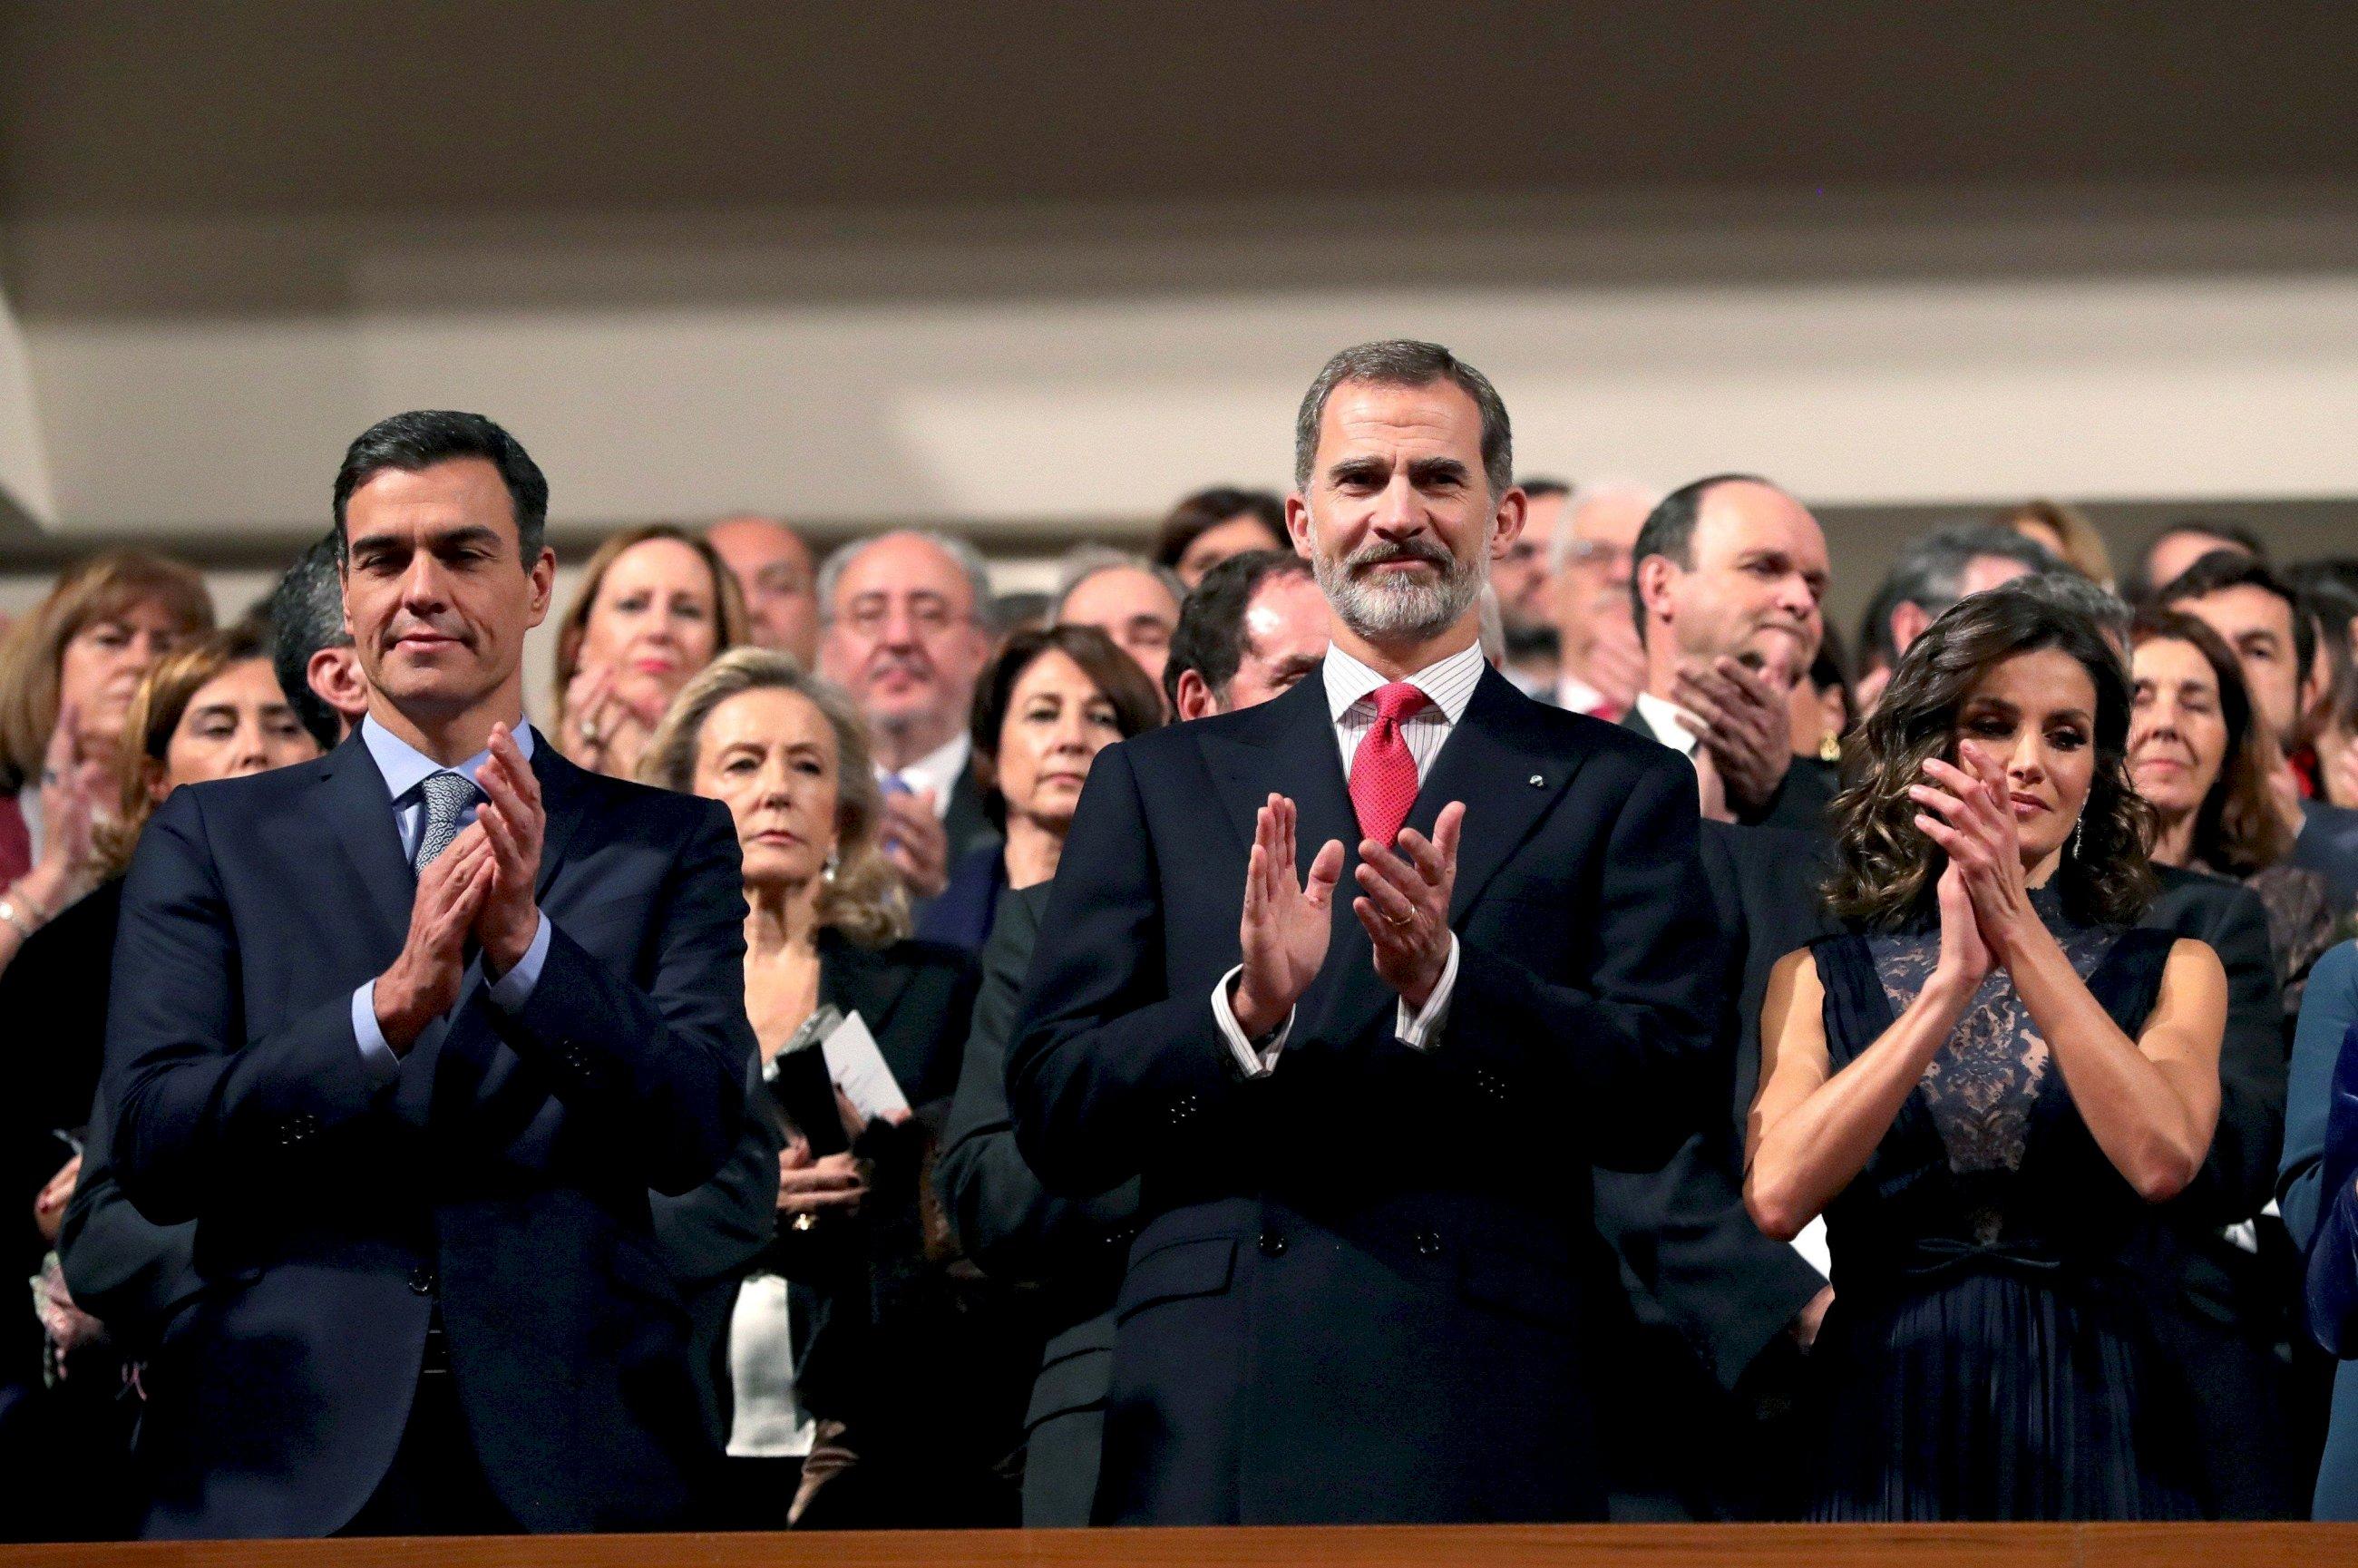 Los reyes Felipe y Letizia junto al presidente del Gobierno, Pedro Sánchez, al inicio del concierto conmemorativo del 40 aniversario de la Constitución que se celebró en el Auditorio Nacional de Madrid, el 5 de diciembre. Foto: EFE/JJM